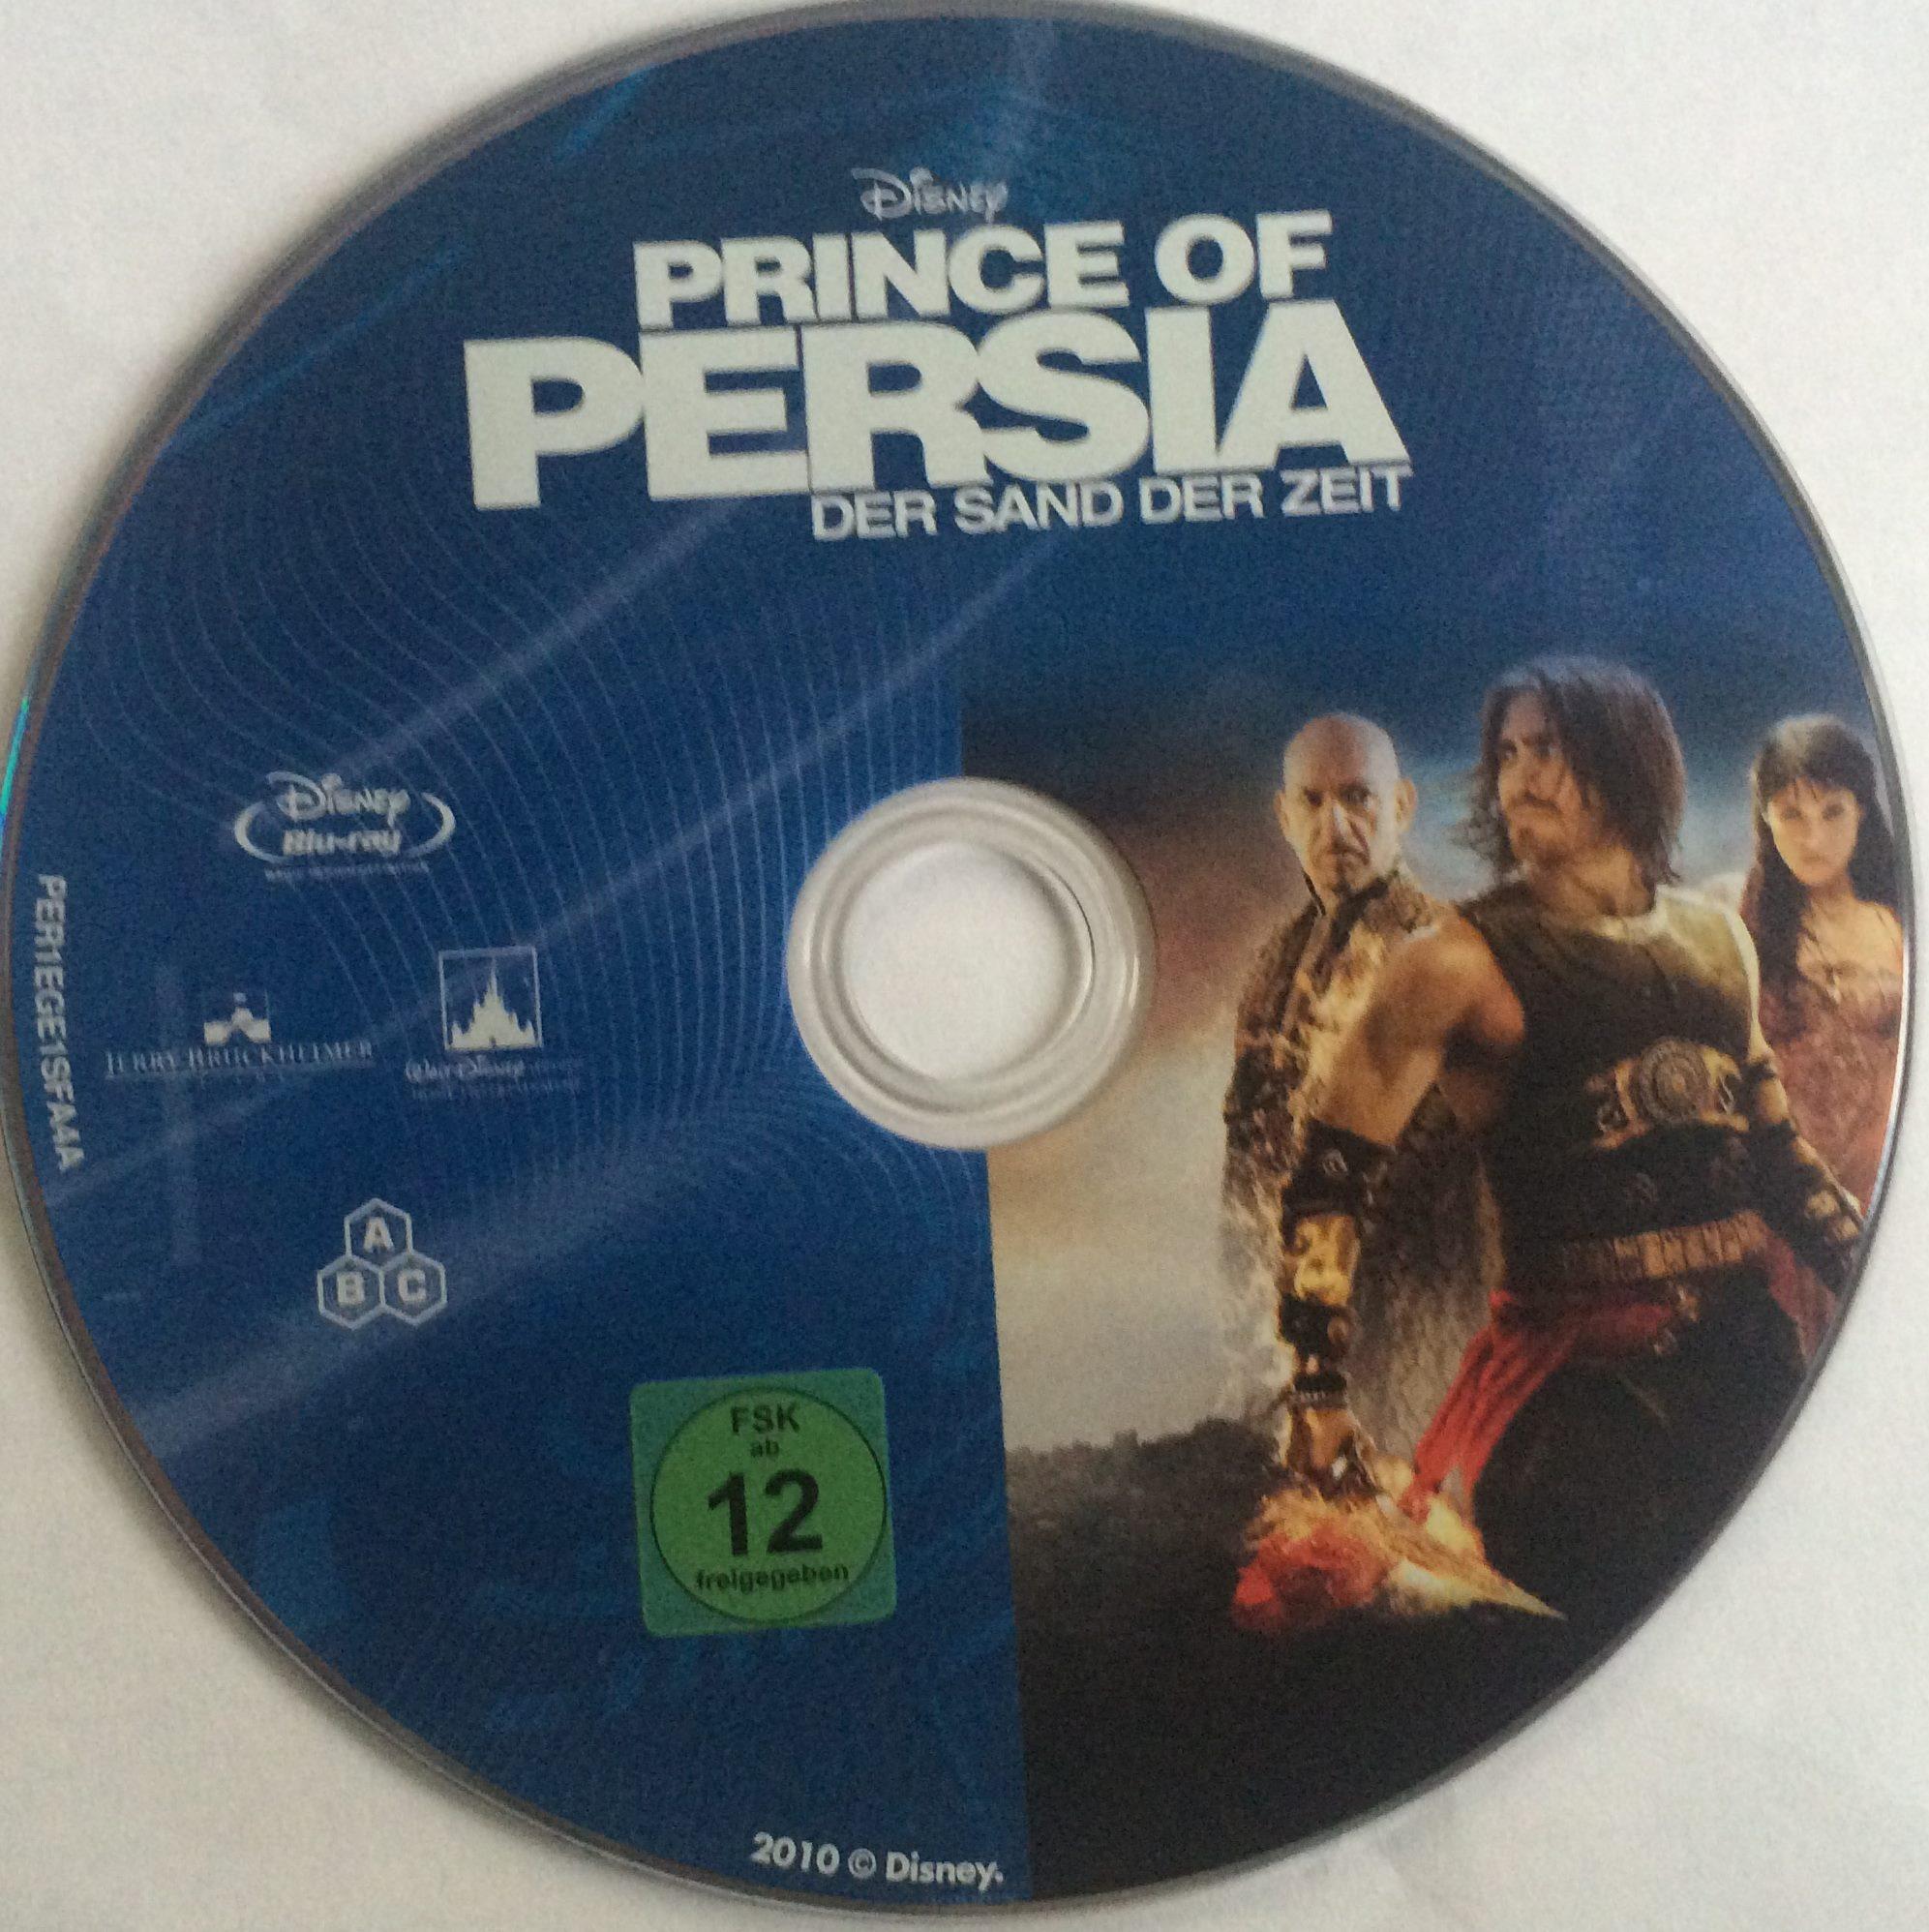 Prince of Persia Der Sand der Zeit Disk